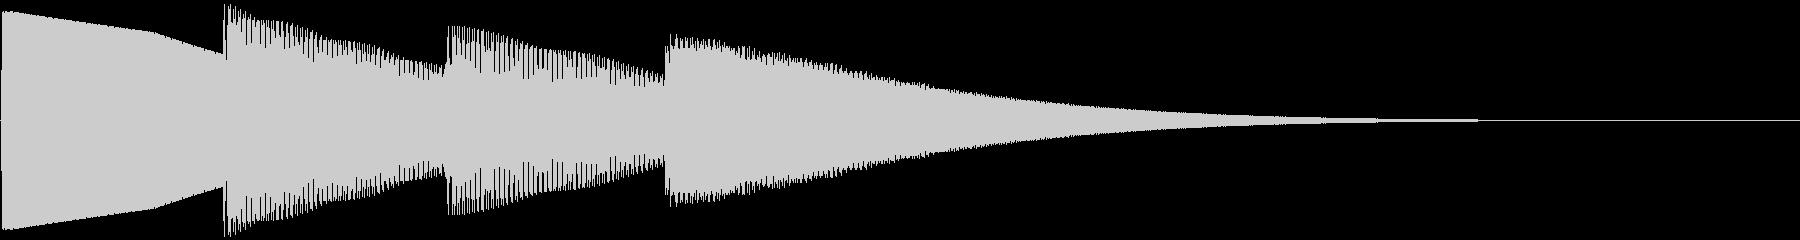 ピンポンパンポーン 上昇(柔い)お知らせの未再生の波形